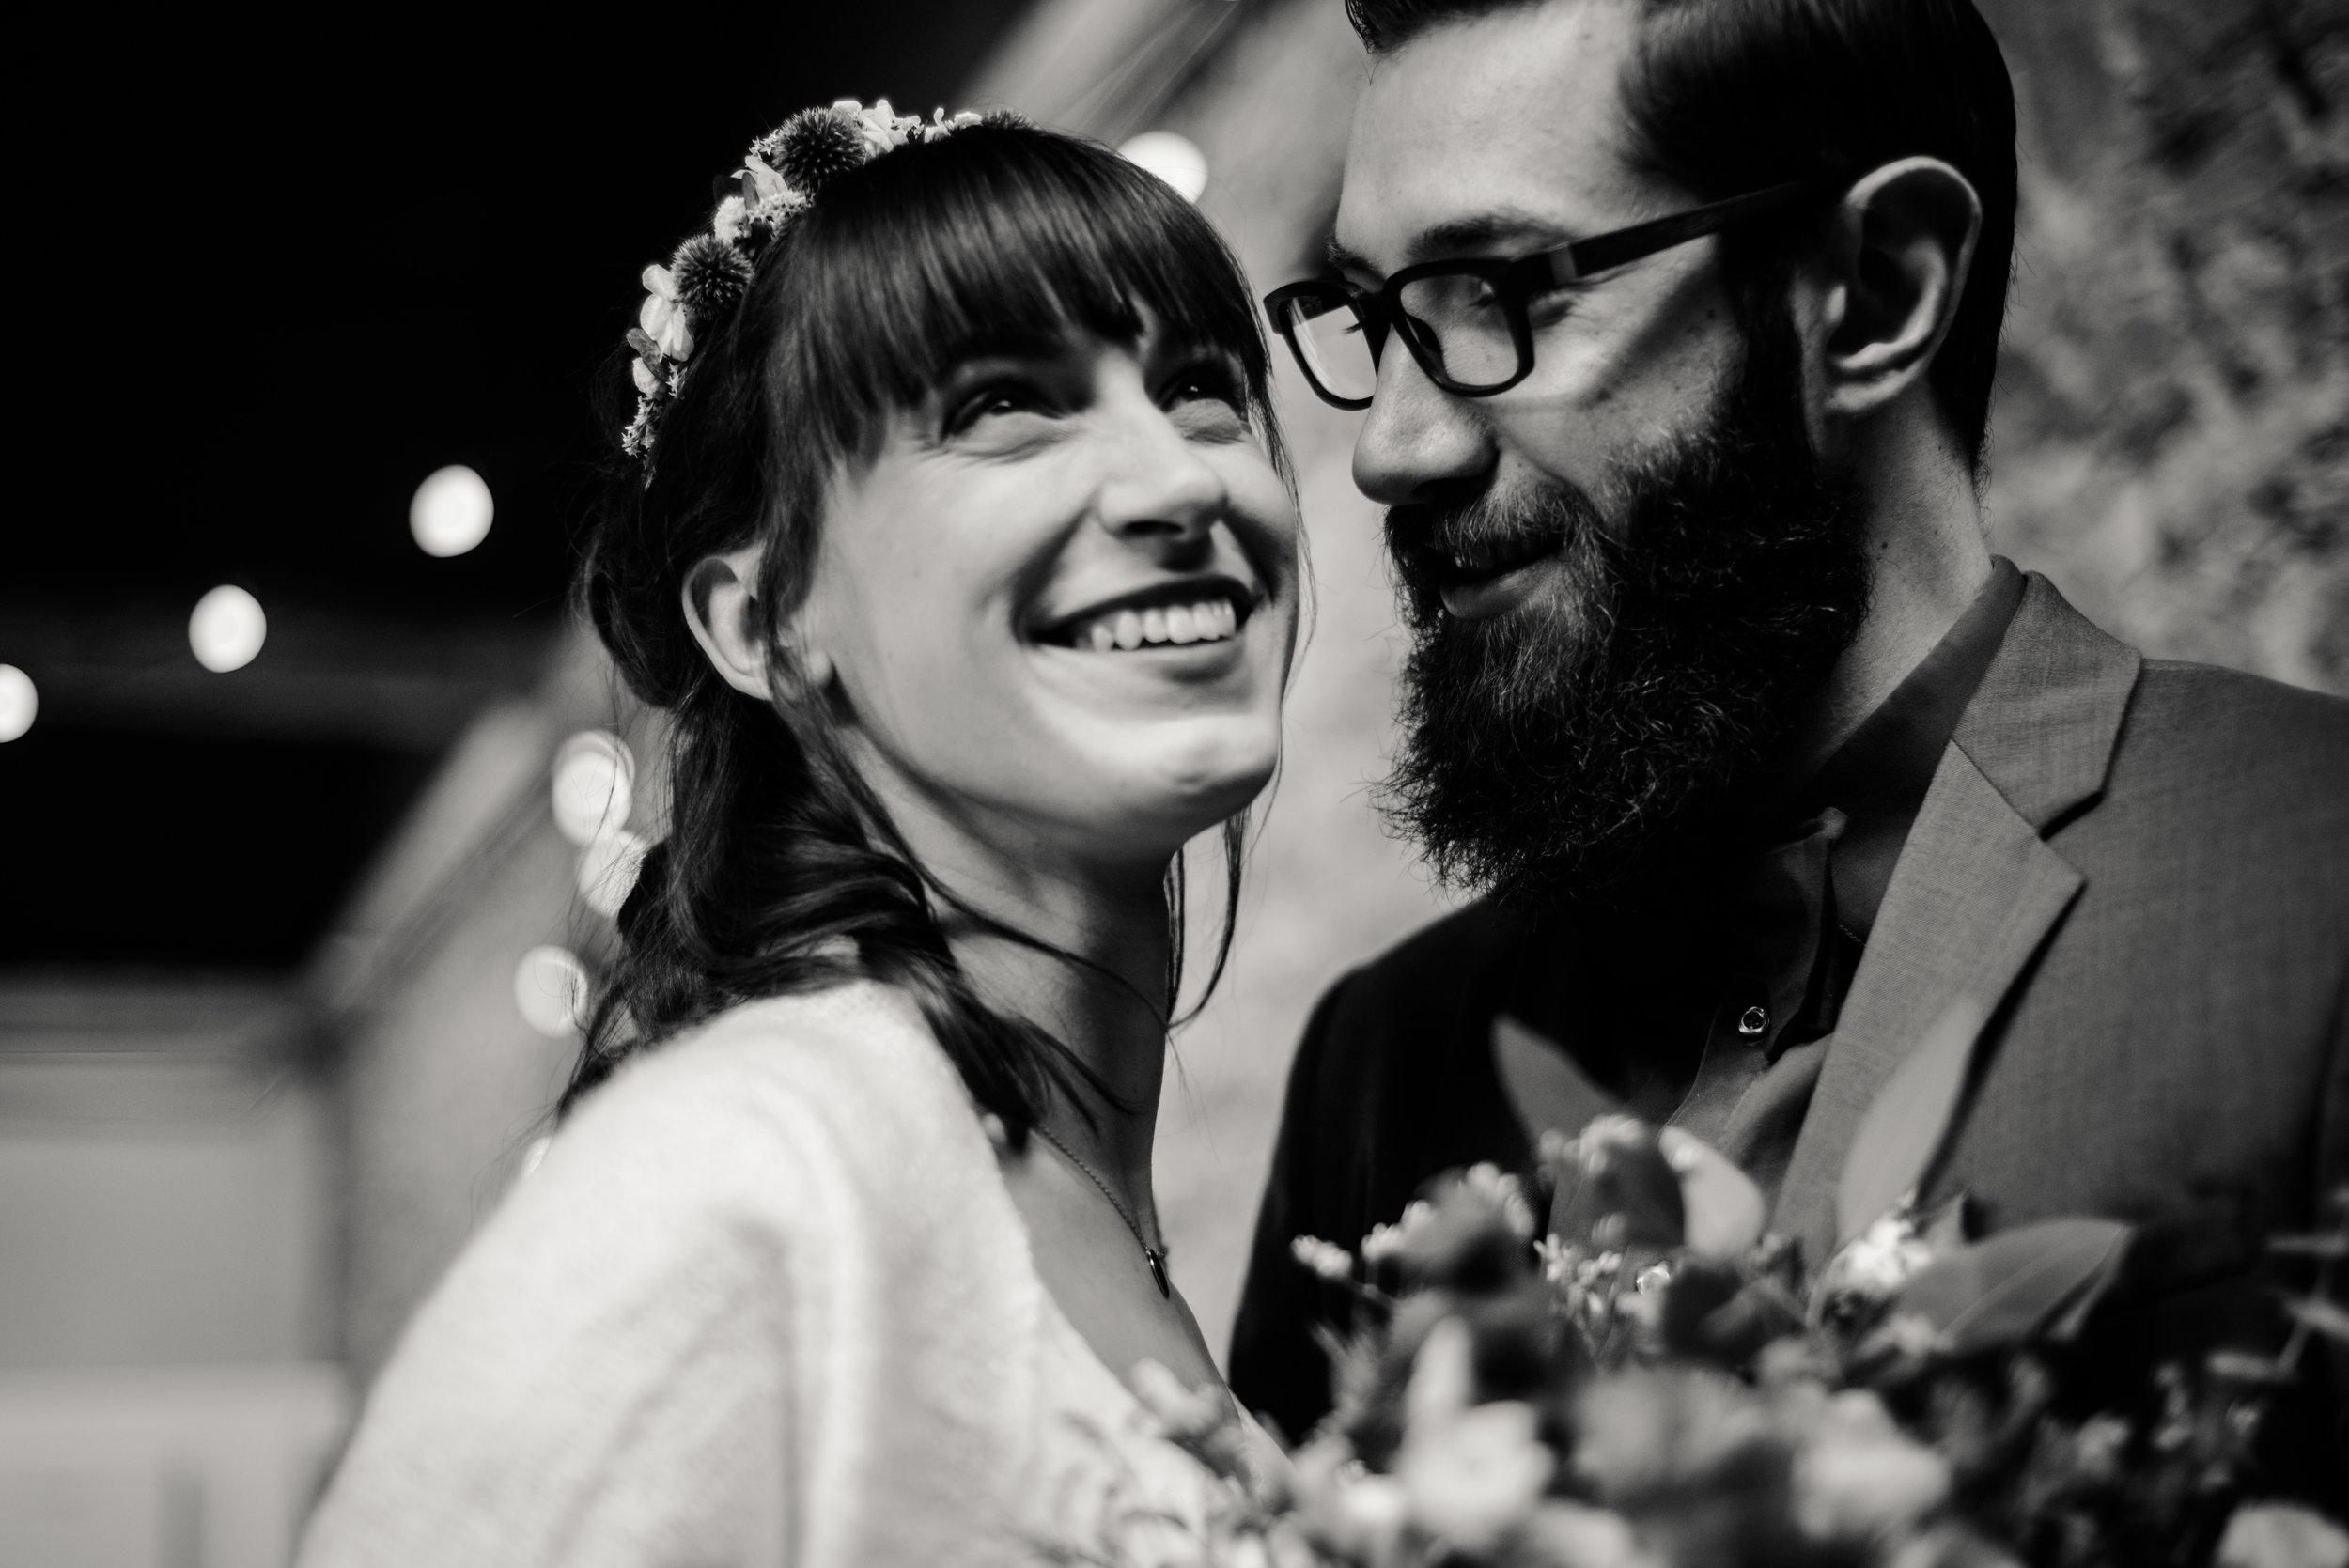 Léa-Fery-photographe-professionnel-lyon-rhone-alpes-portrait-creation-mariage-evenement-evenementiel-famille-1843.jpg